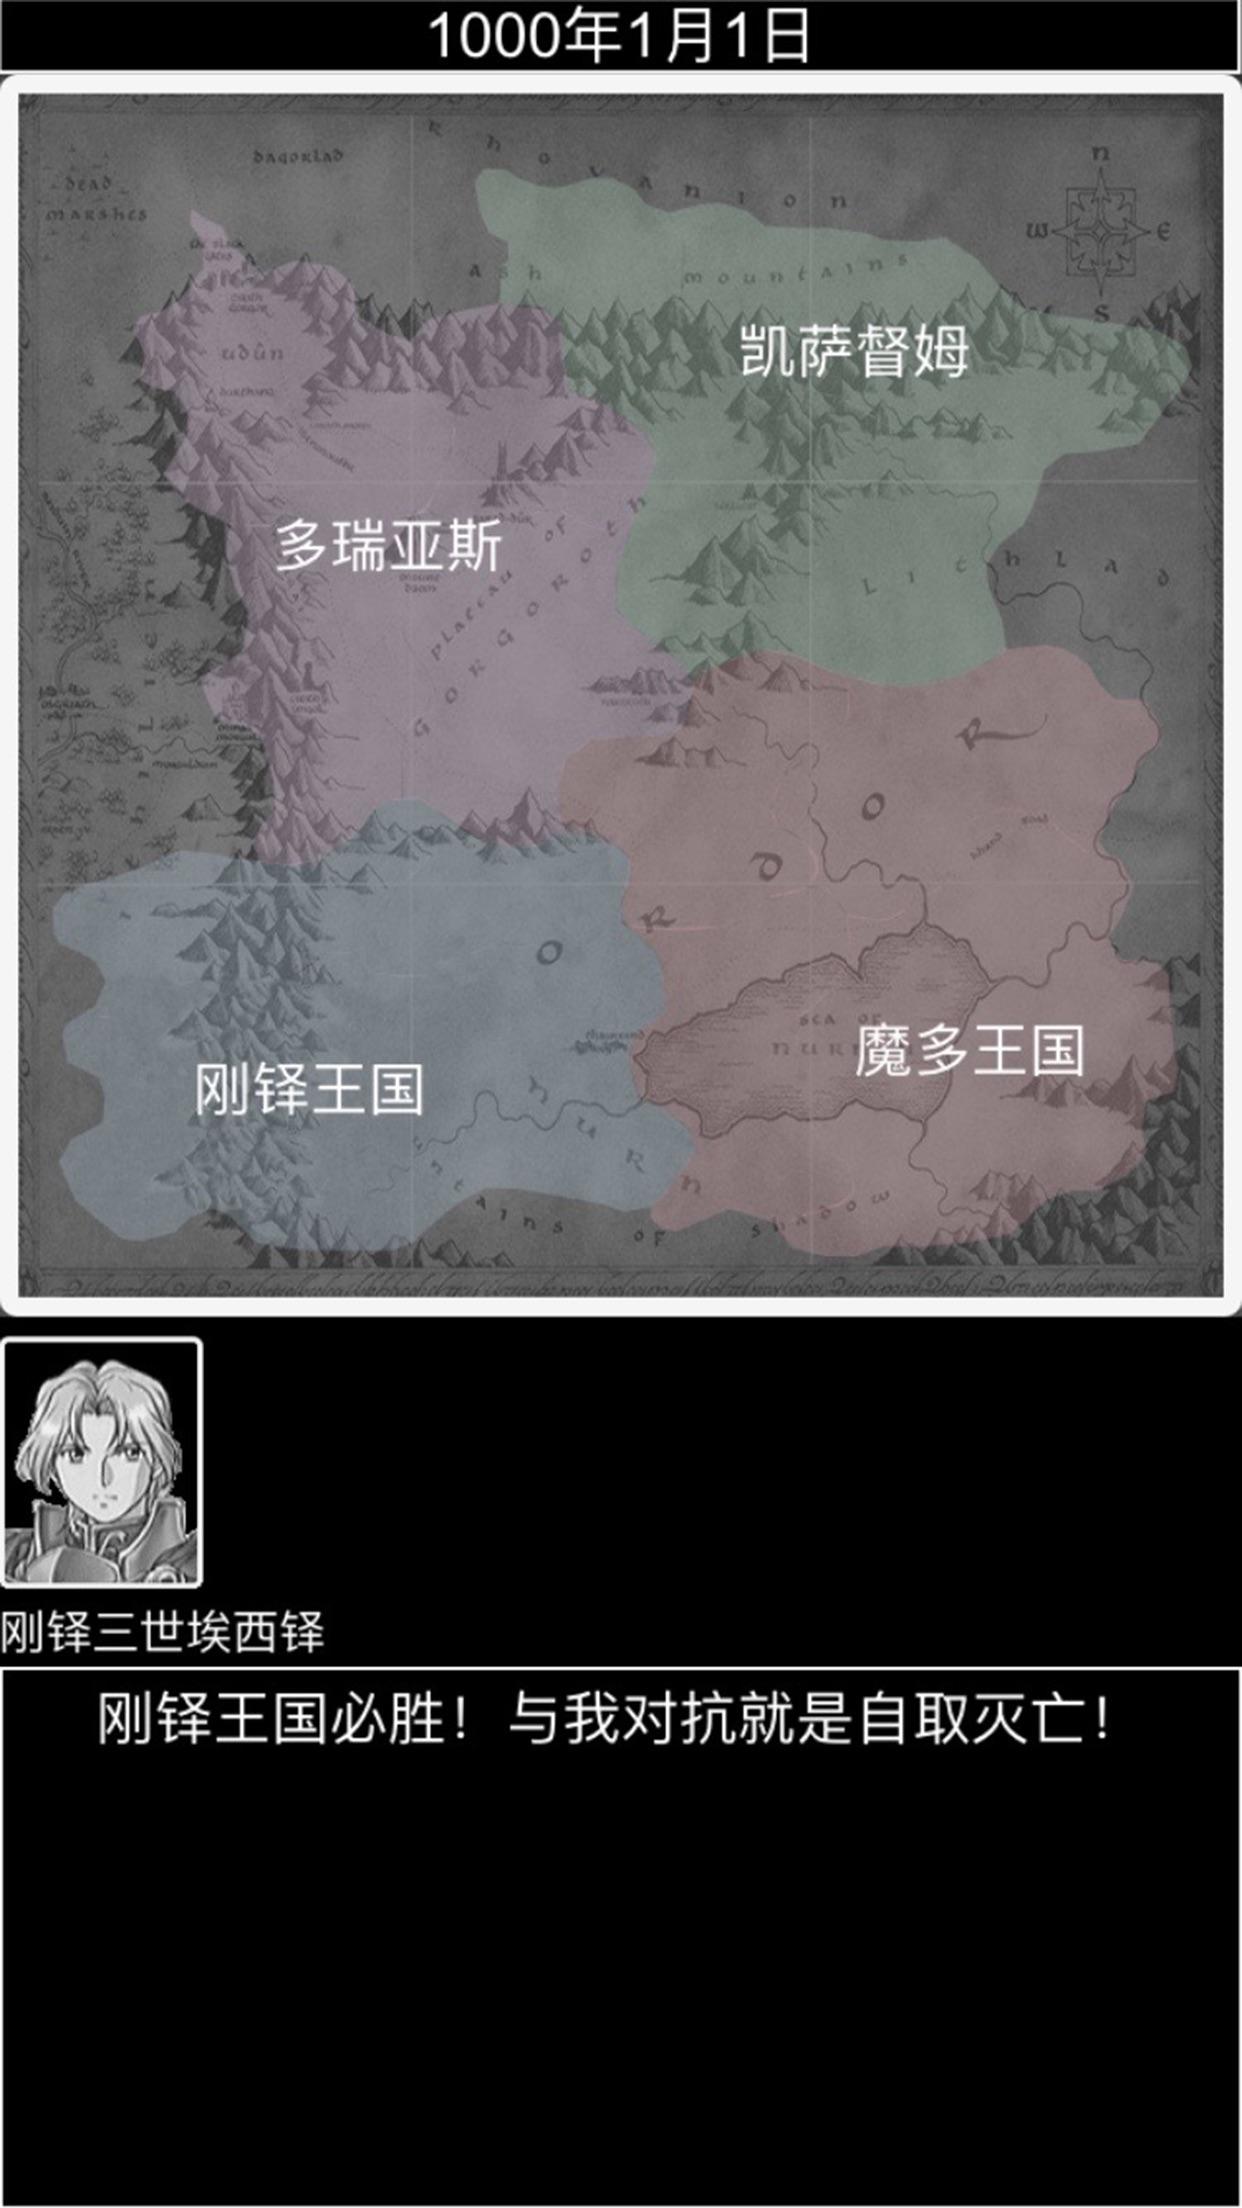 侠客游-自由单机游戏 Screenshot